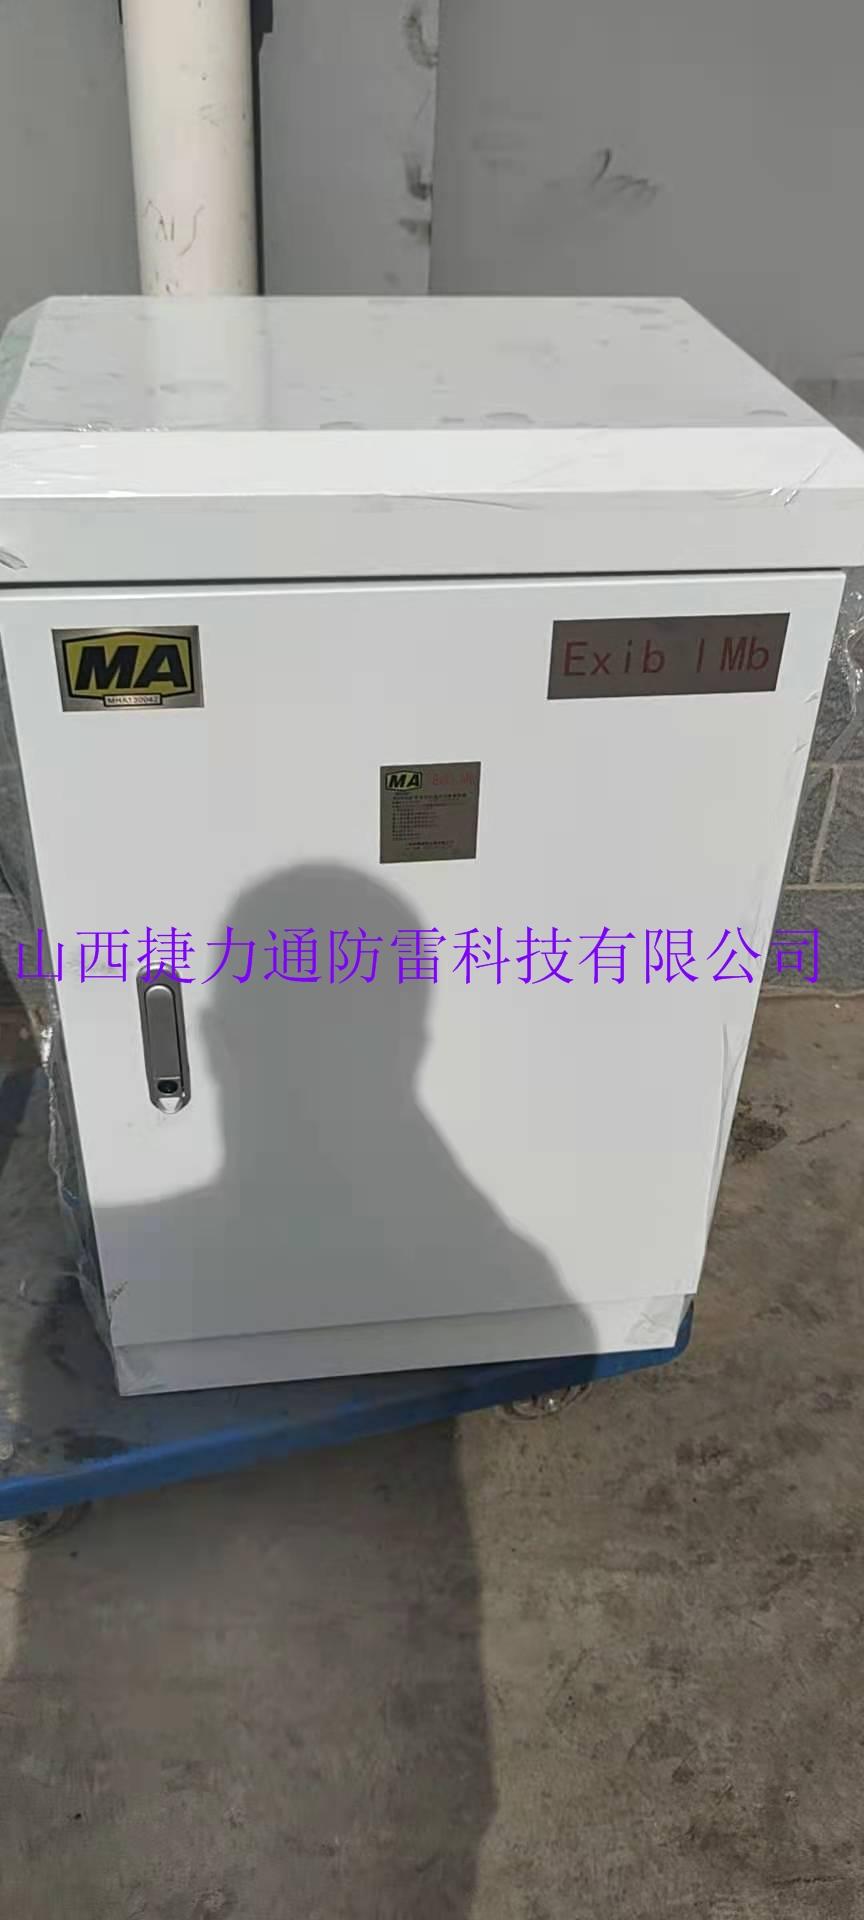 忻州神达晋保煤业防爆箱安装项目